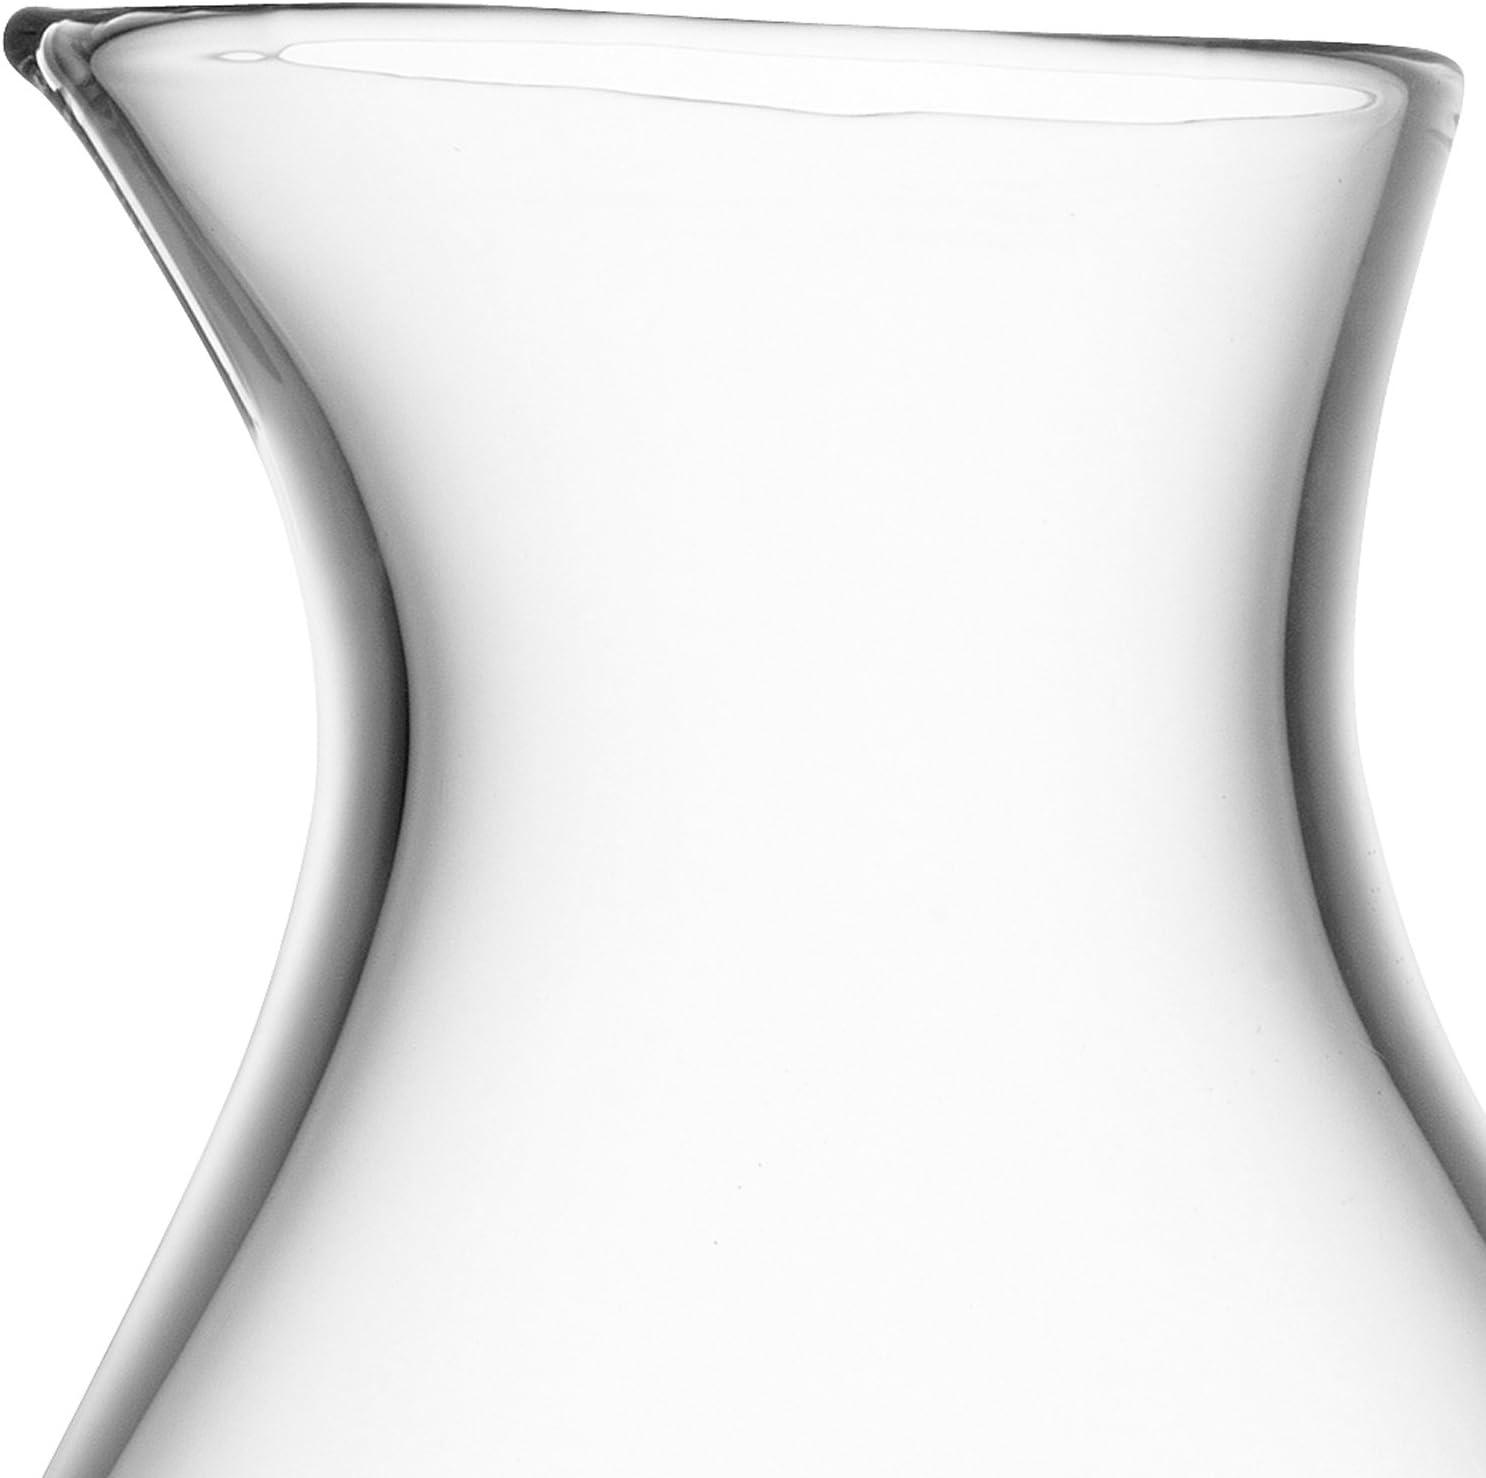 Transparente LSA Ono brocca 1.2 litri trasparente